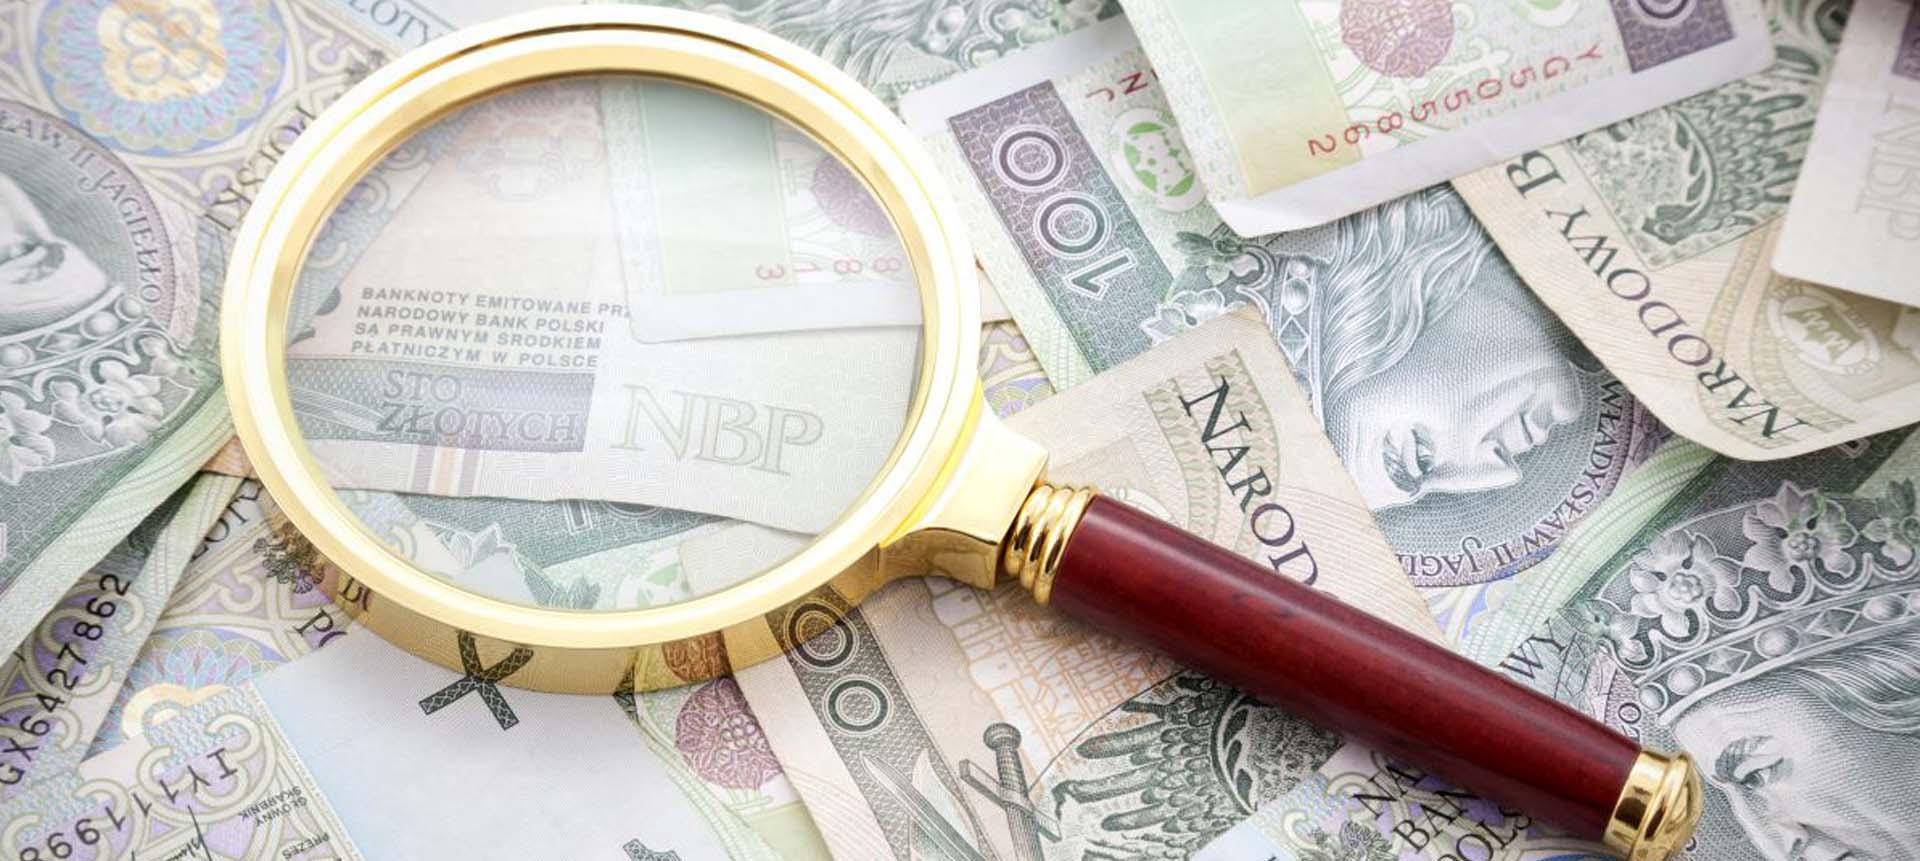 Pożyczki bez przelewania grosza